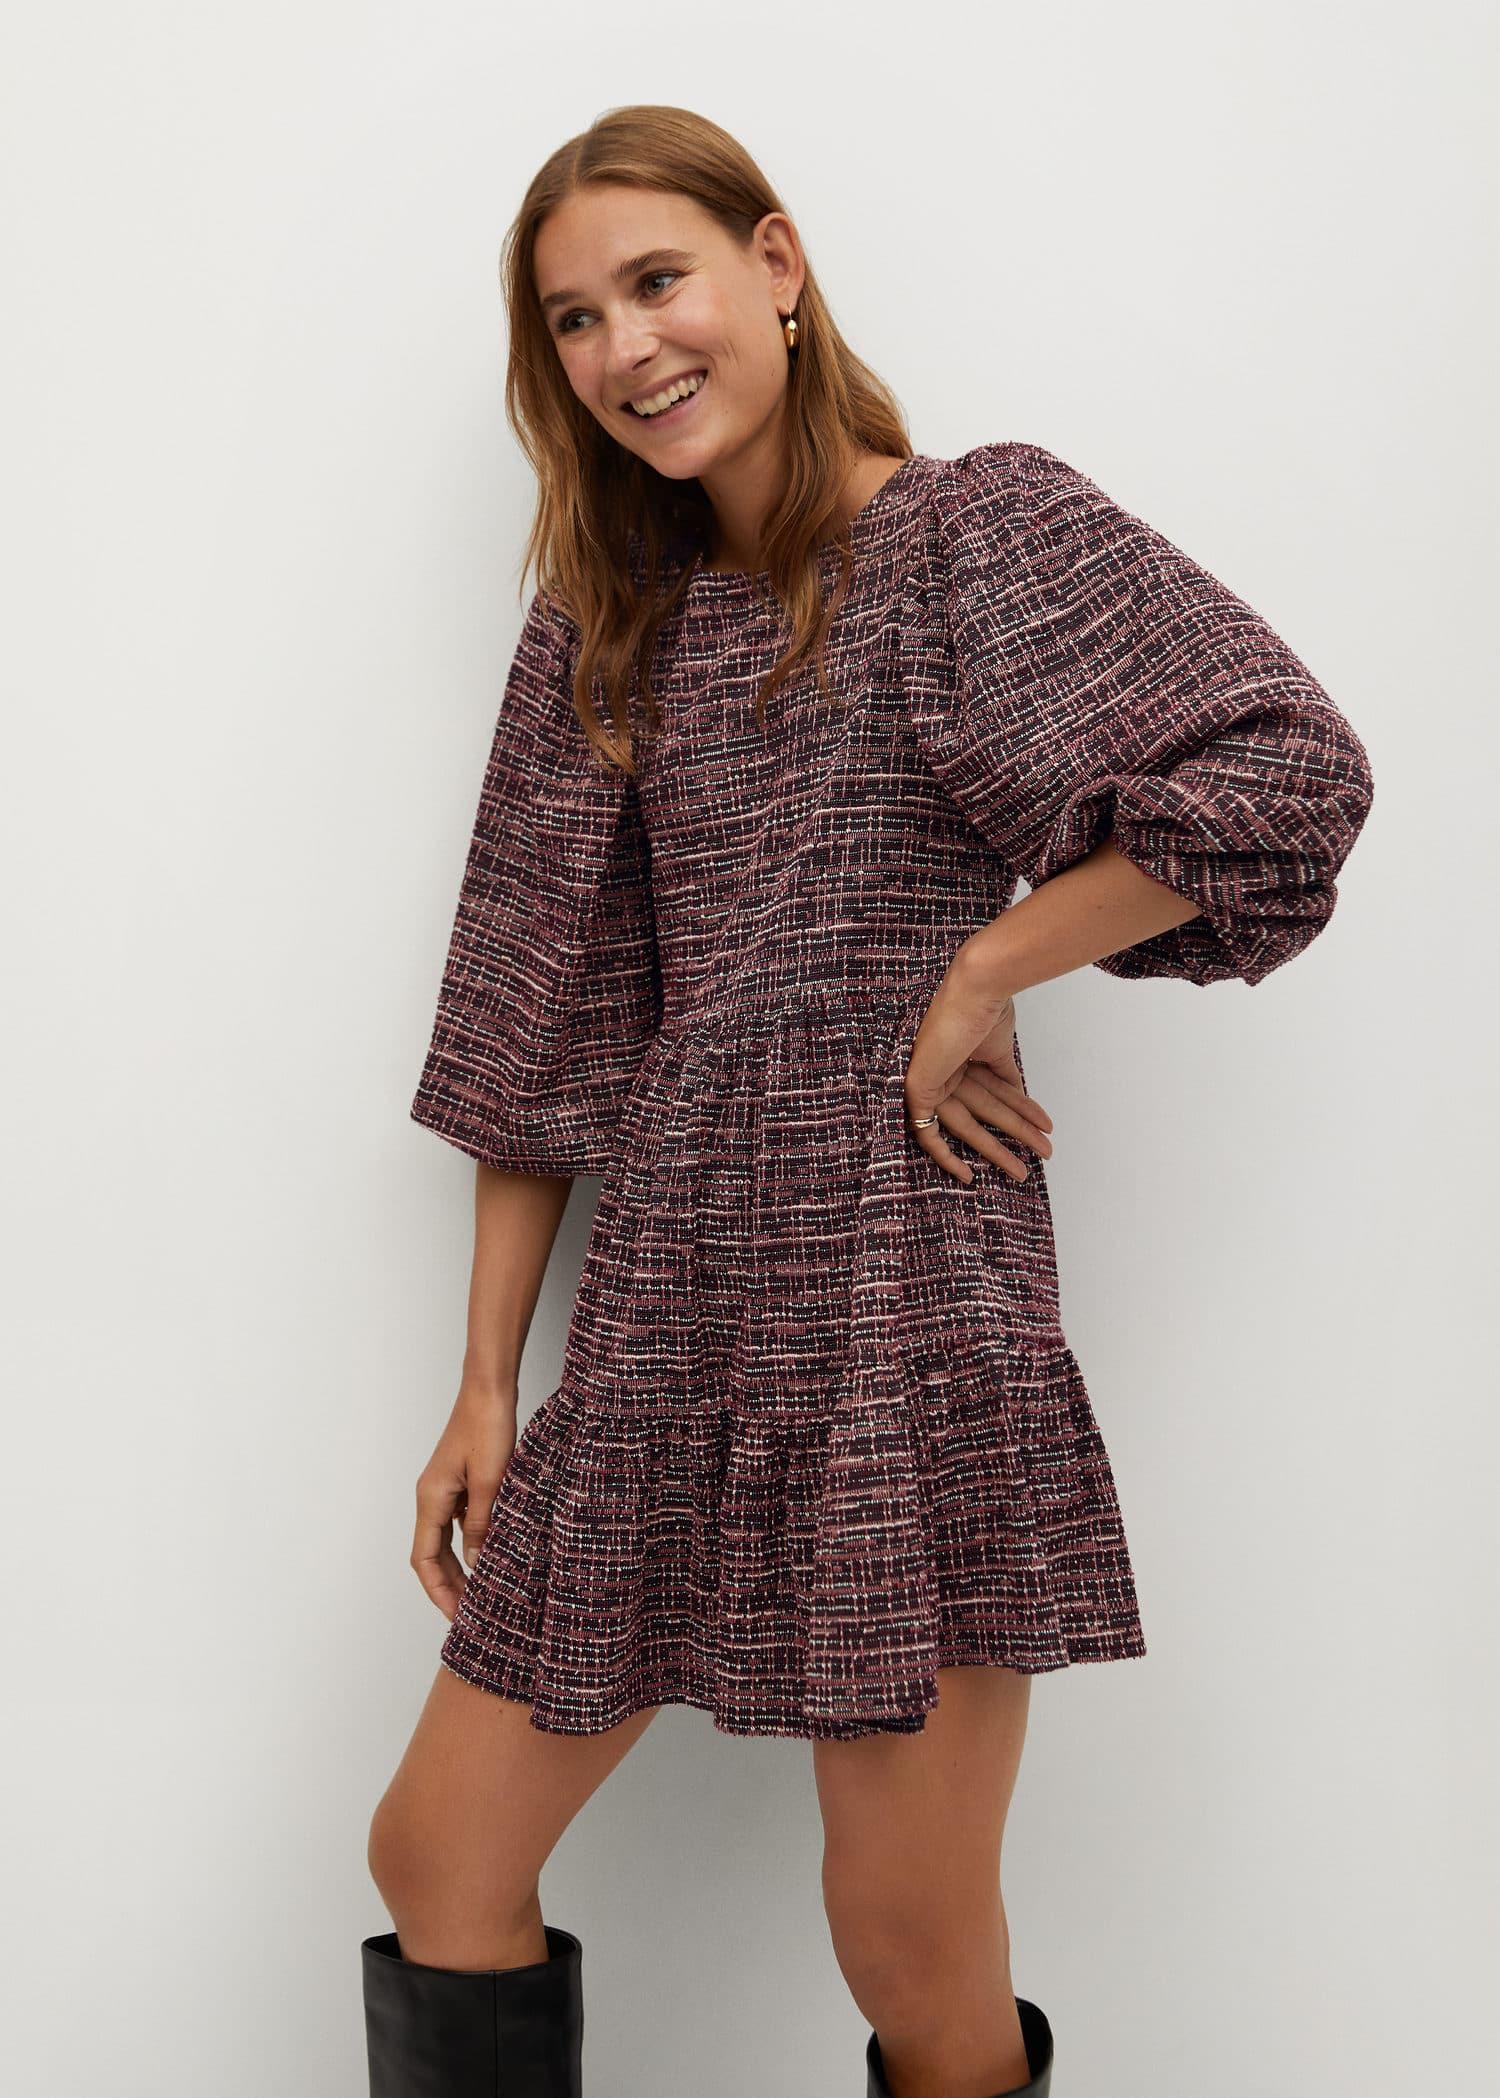 Klänning med puffärm RödVitblommig DAM | H&M SE